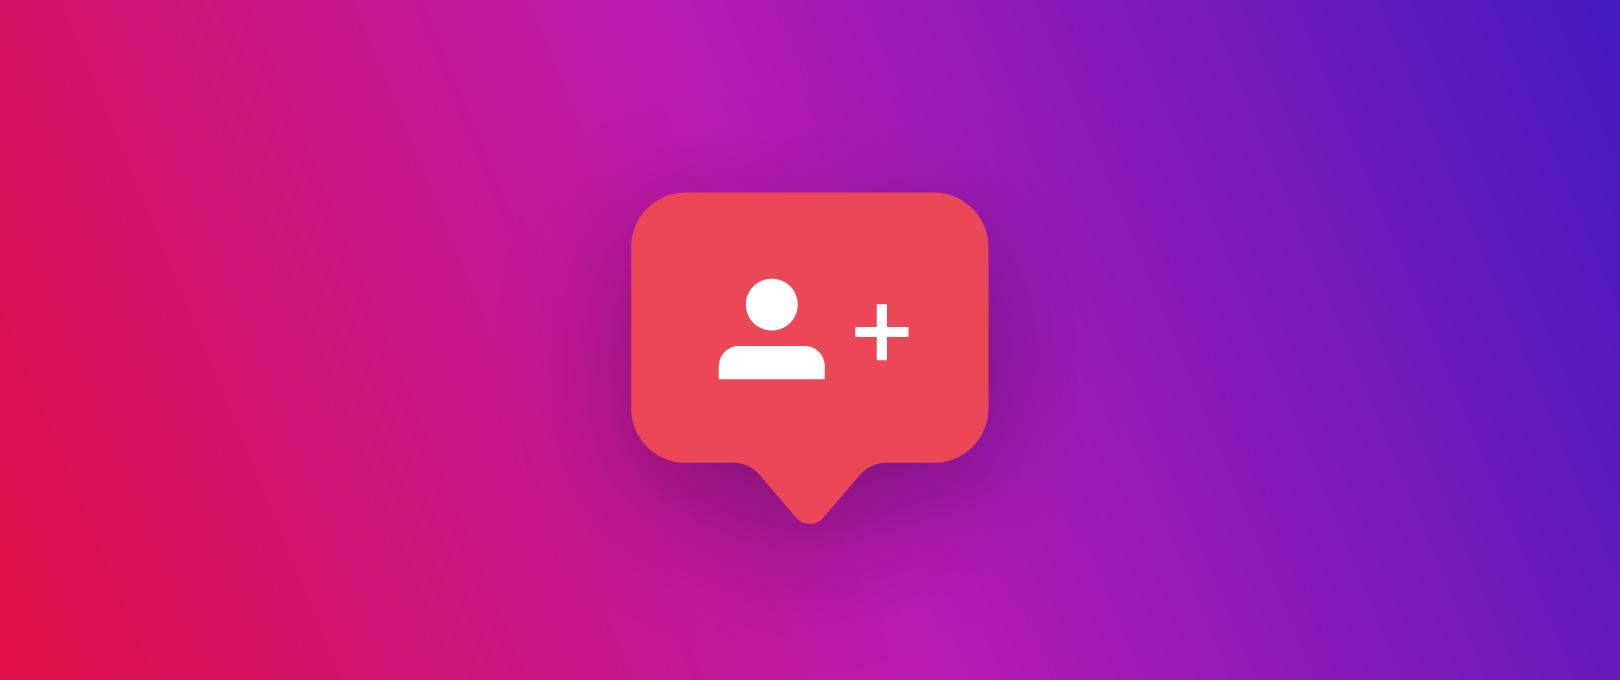 Trik Menambah Followers Organik Instagram Bisnis